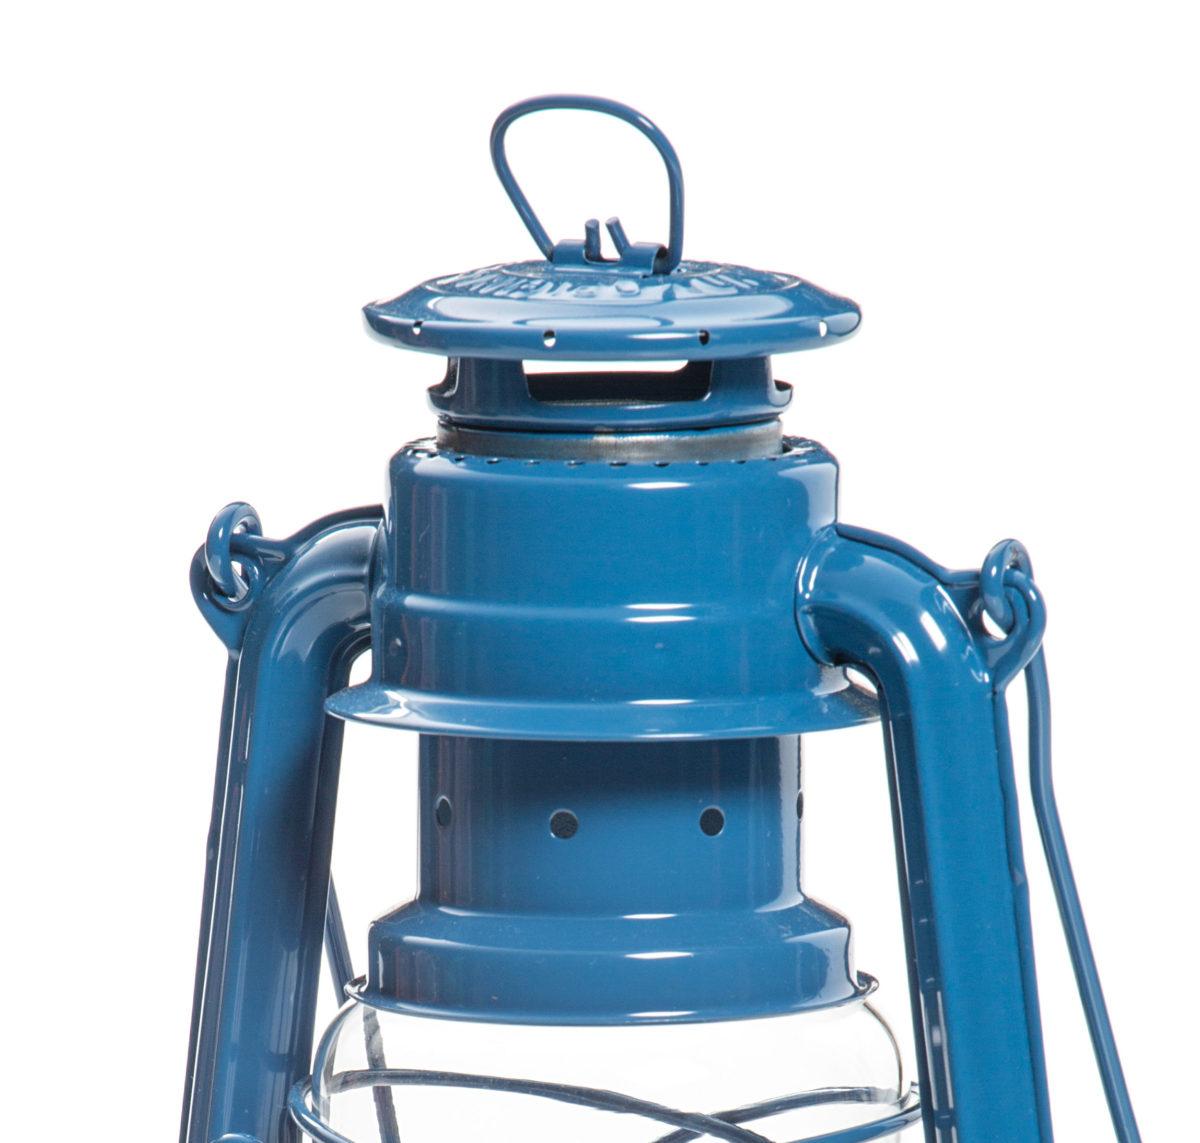 Feuerhand Hurricane Lanterns for sale in Brilliant Blue ...